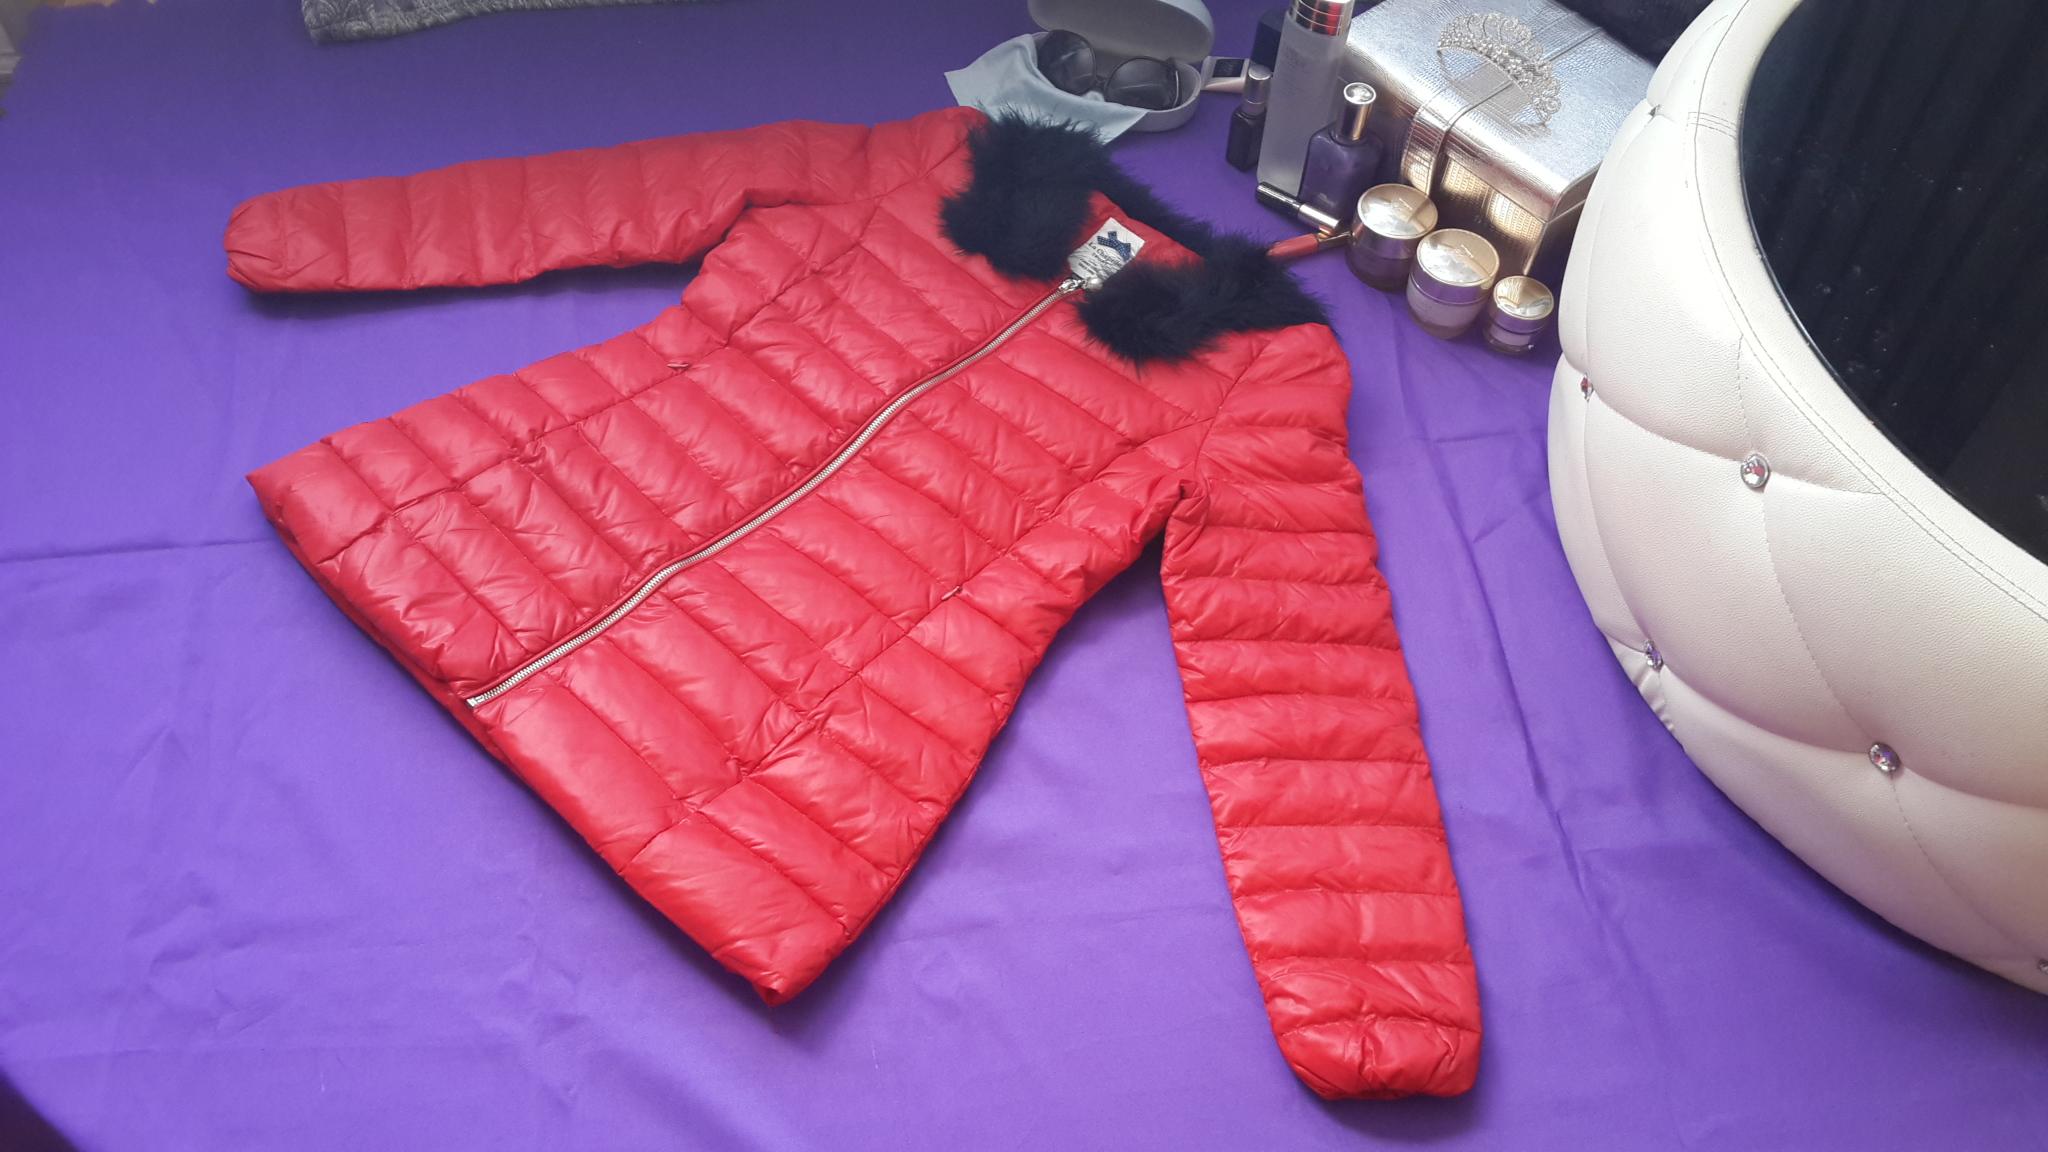 拉夏贝尔羽绒服 拉夏贝尔正品代购冬装女款羽绒服20003961_推荐淘宝好看的女拉夏贝尔羽绒服